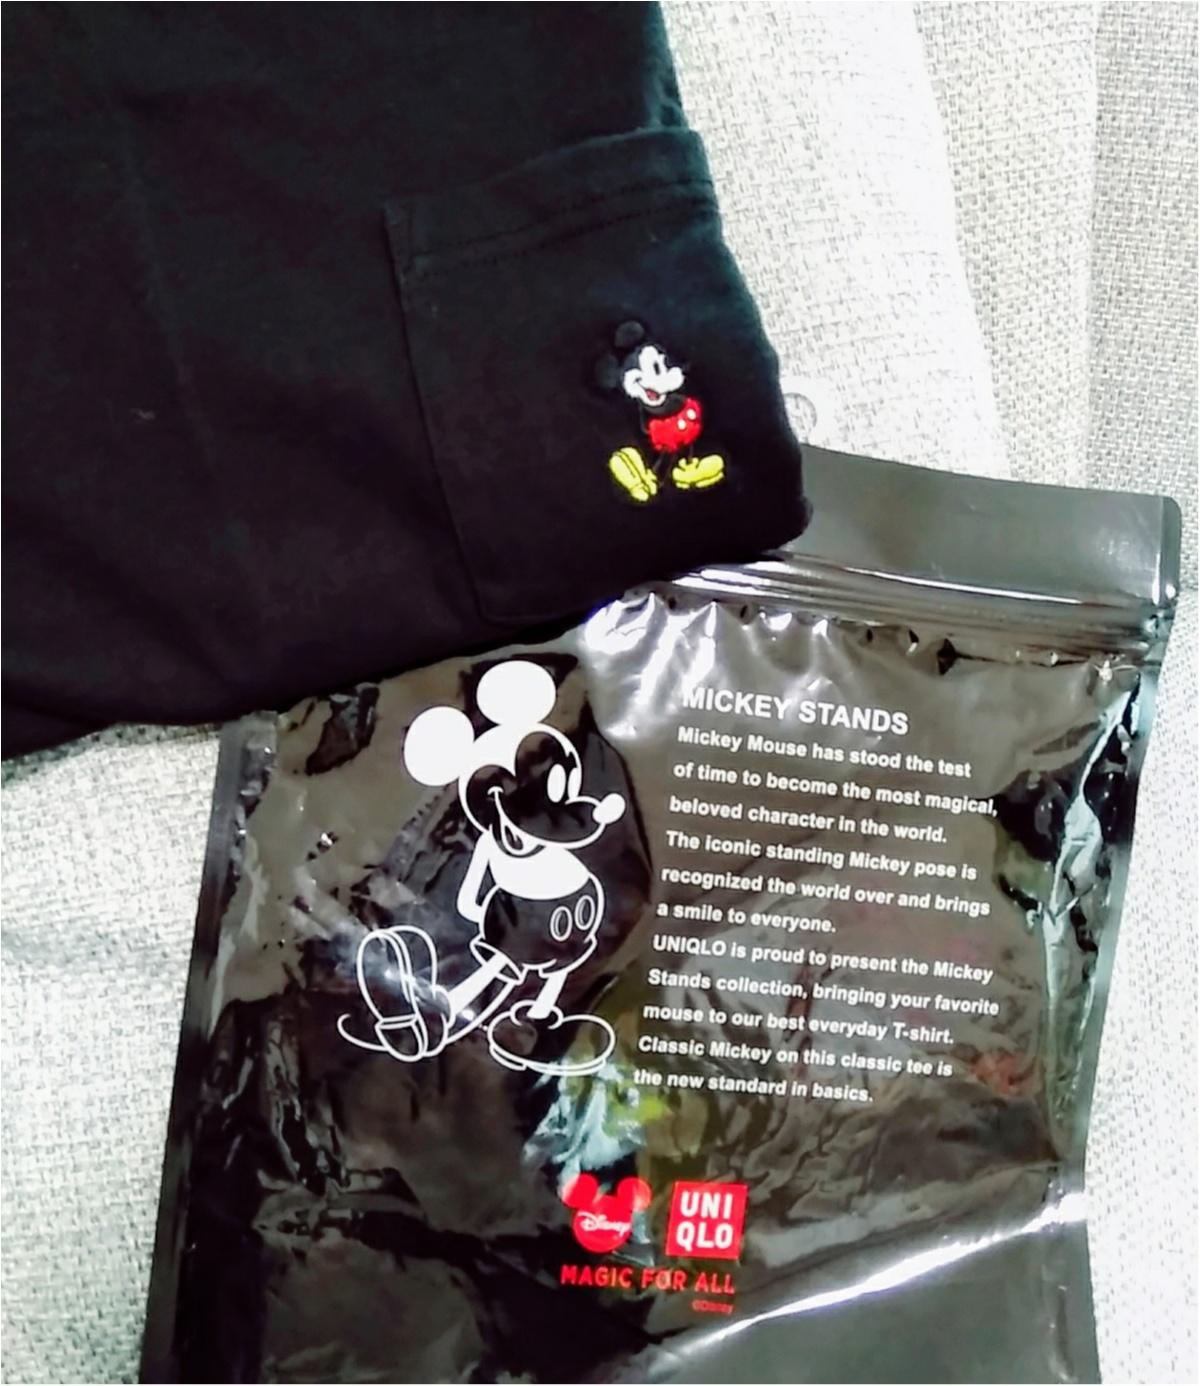 ディズニー×UNIQLOのコラボTシャツが安くて可愛い♡彼とお揃いで着ちゃおう!!(443 まゆ_1